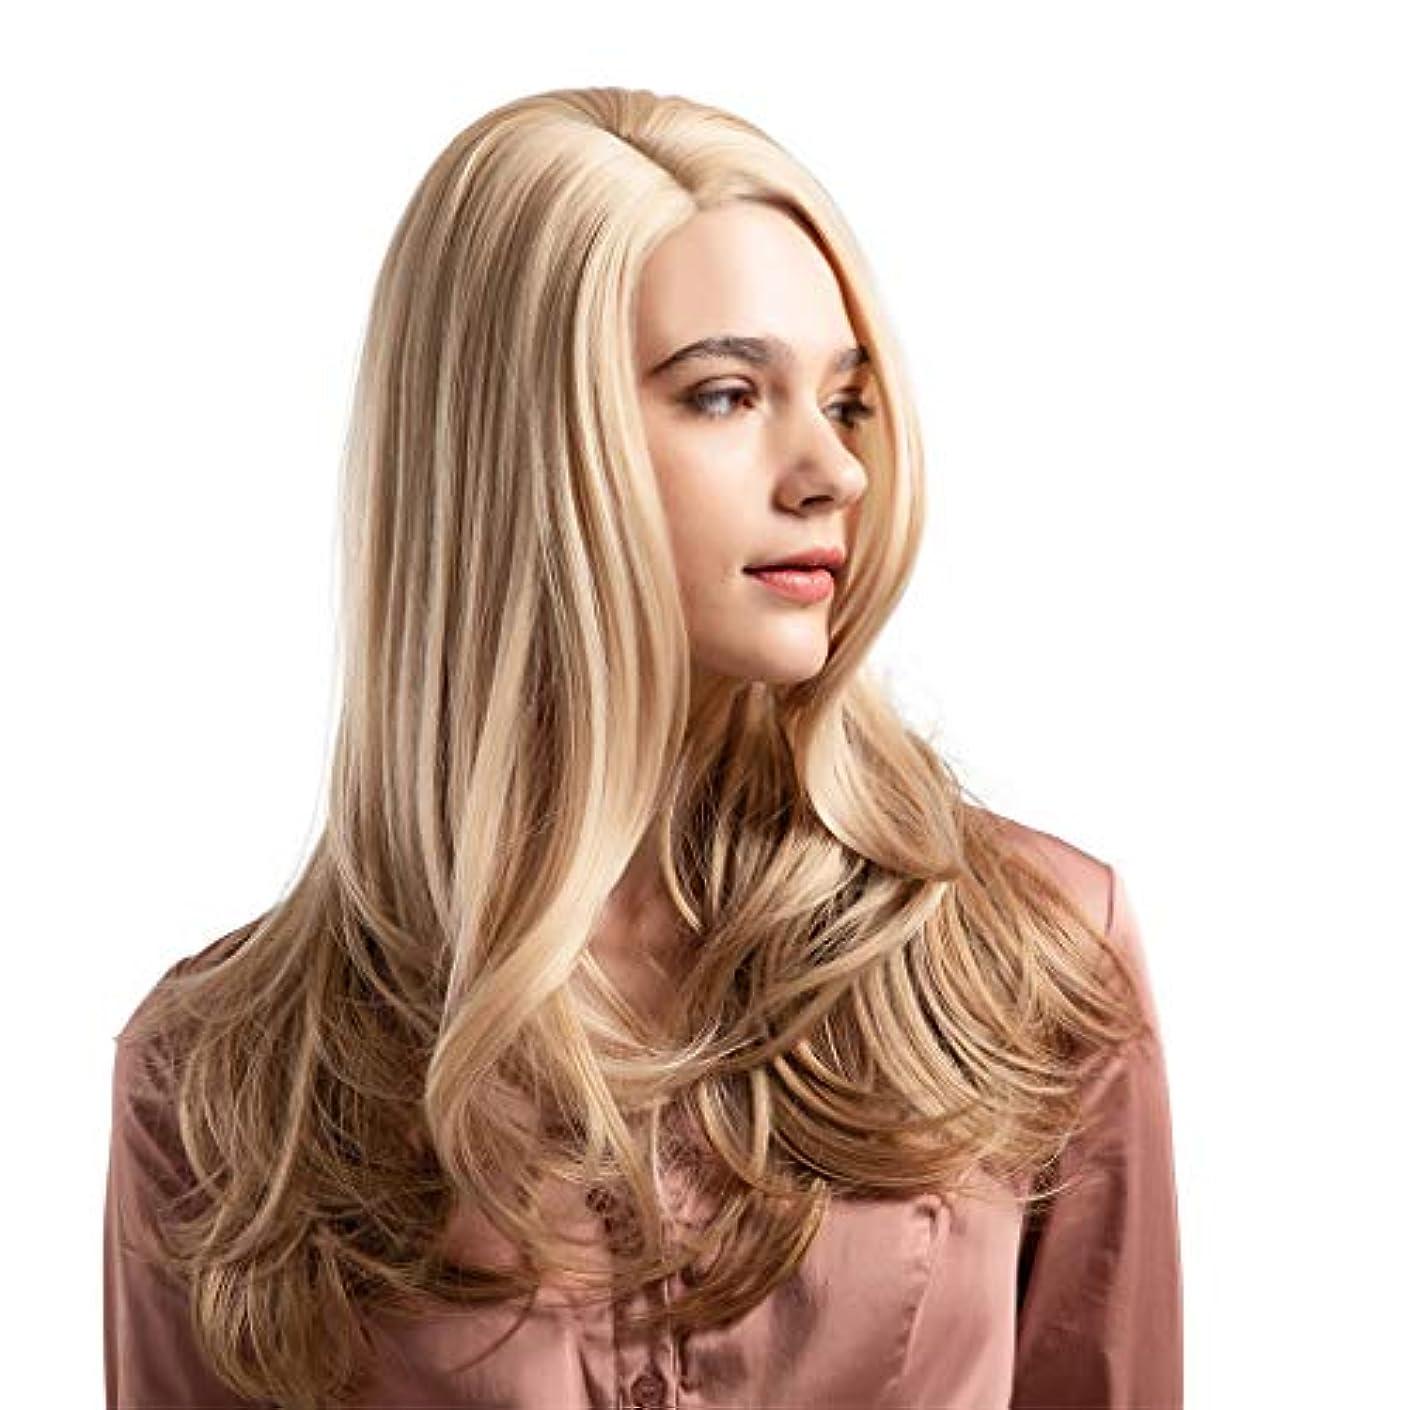 特徴柔らかさとまり木ウィッグ女性黄金の大きな波状の巻き毛の高温シルクウィッグ22インチ